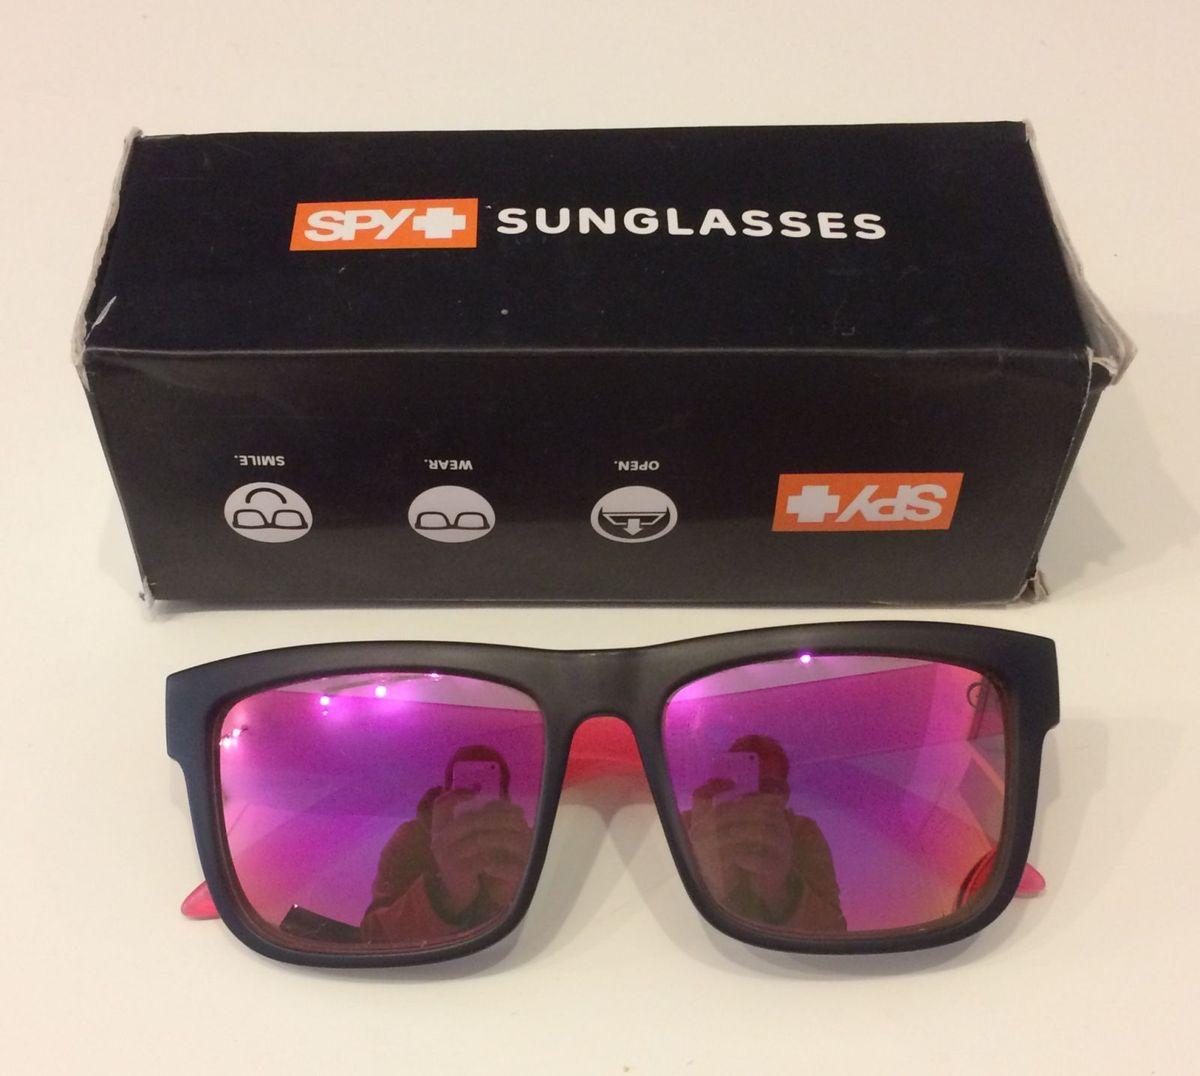 f588581e9 Óculos Escuros Spy Original | Item p/ Esporte e Outdoor Spy Usado ...